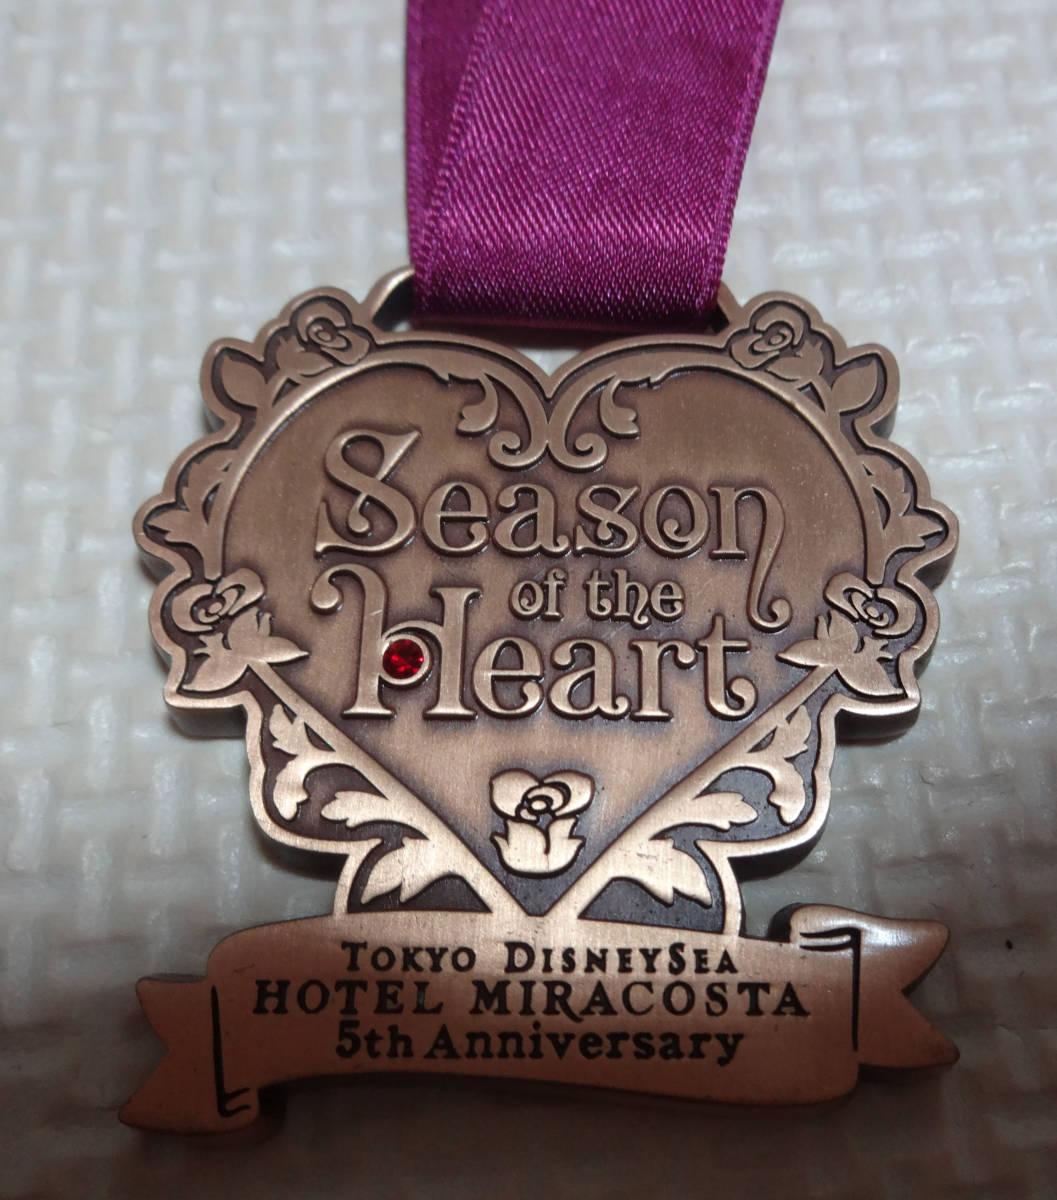 非売品 ディズニー シー ホテル ミラコスタ Season of the Heart ワインメダル 5周年 ハート レア_画像2